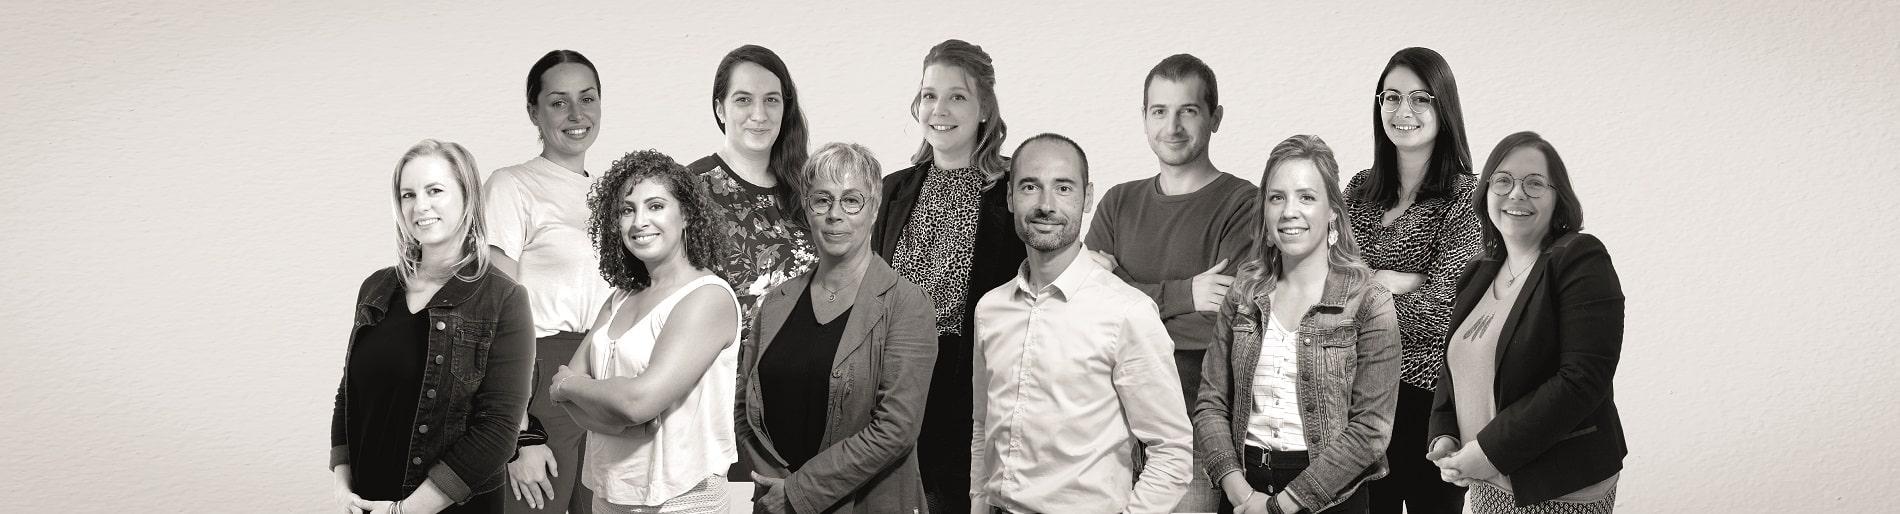 L'équipe du SERVICE DE GESTION : gestionnaires locatifs, communication et équipe administrative